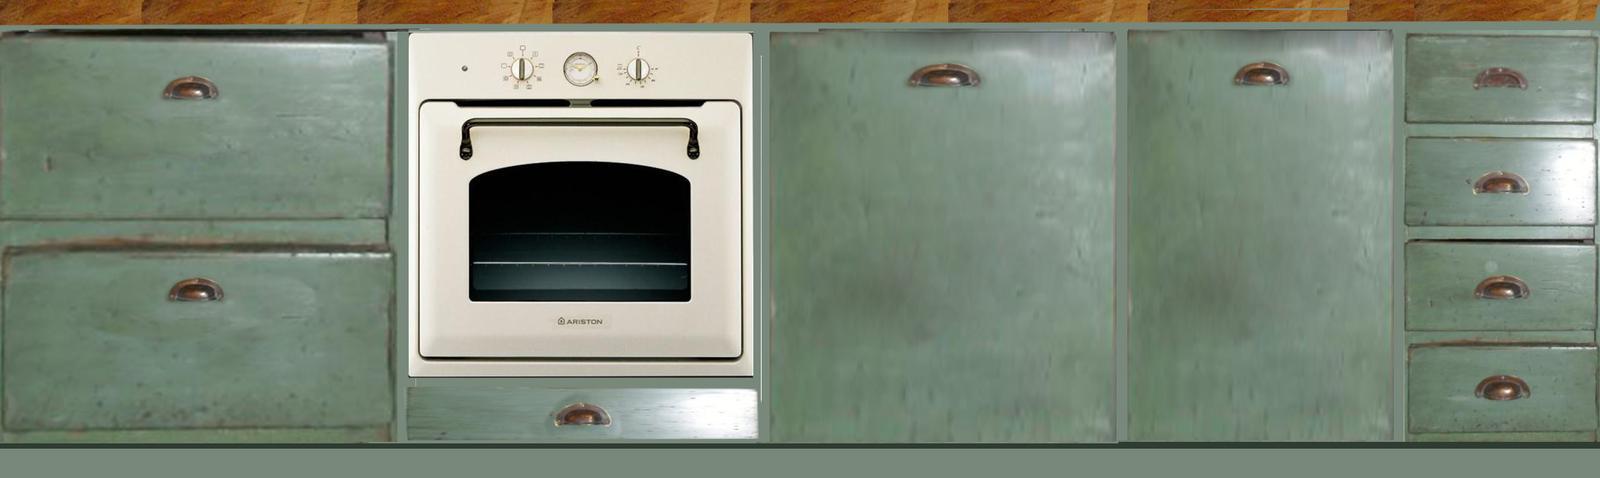 Modernizujeme kuchyňku - náčrt varianty